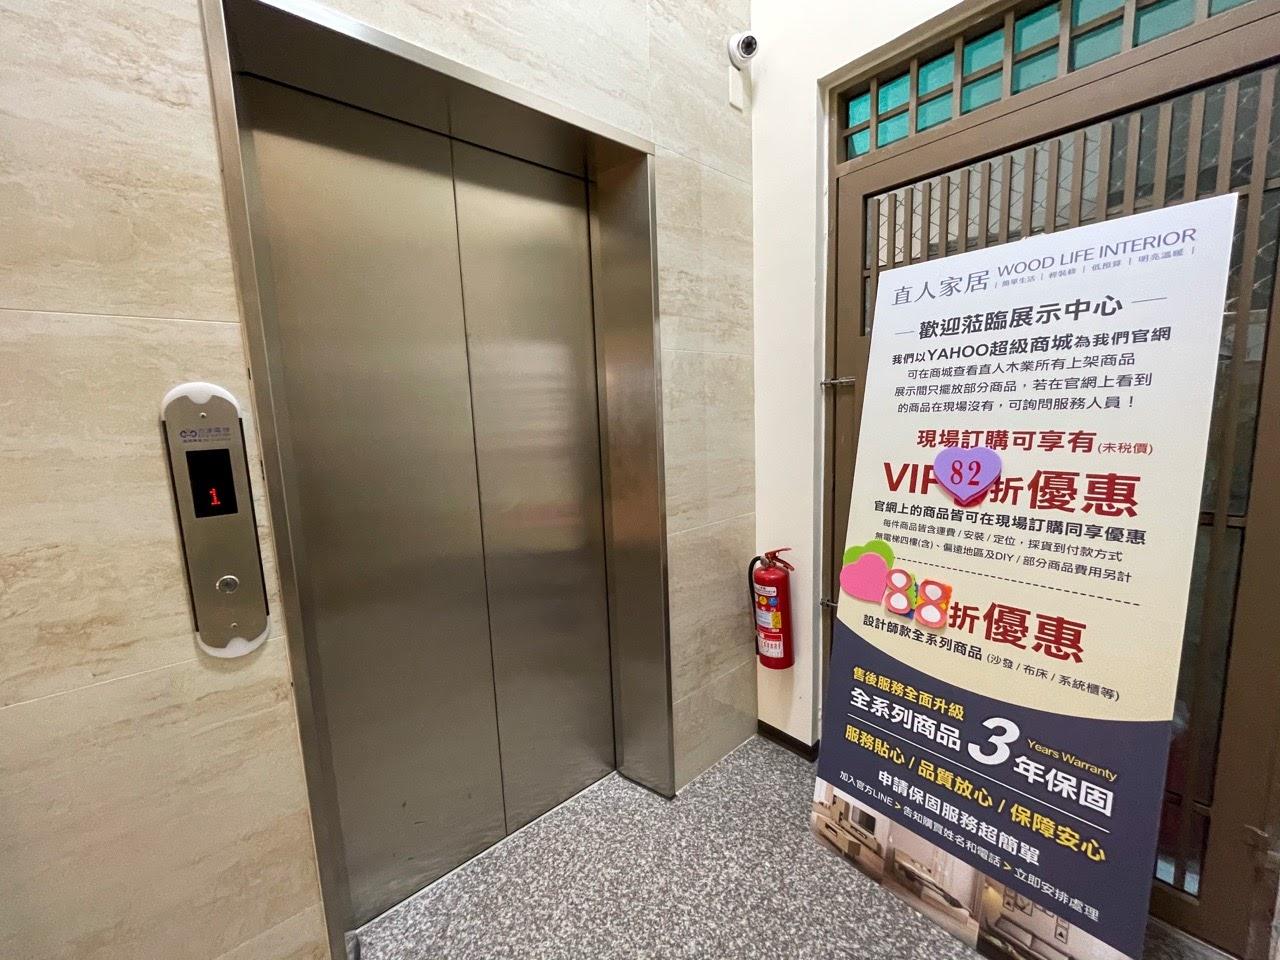 [台南] 日本直人木業|風格溫暖明亮、輕裝修低預算|全系列傢俱3年保固好安心|台南傢俱推薦